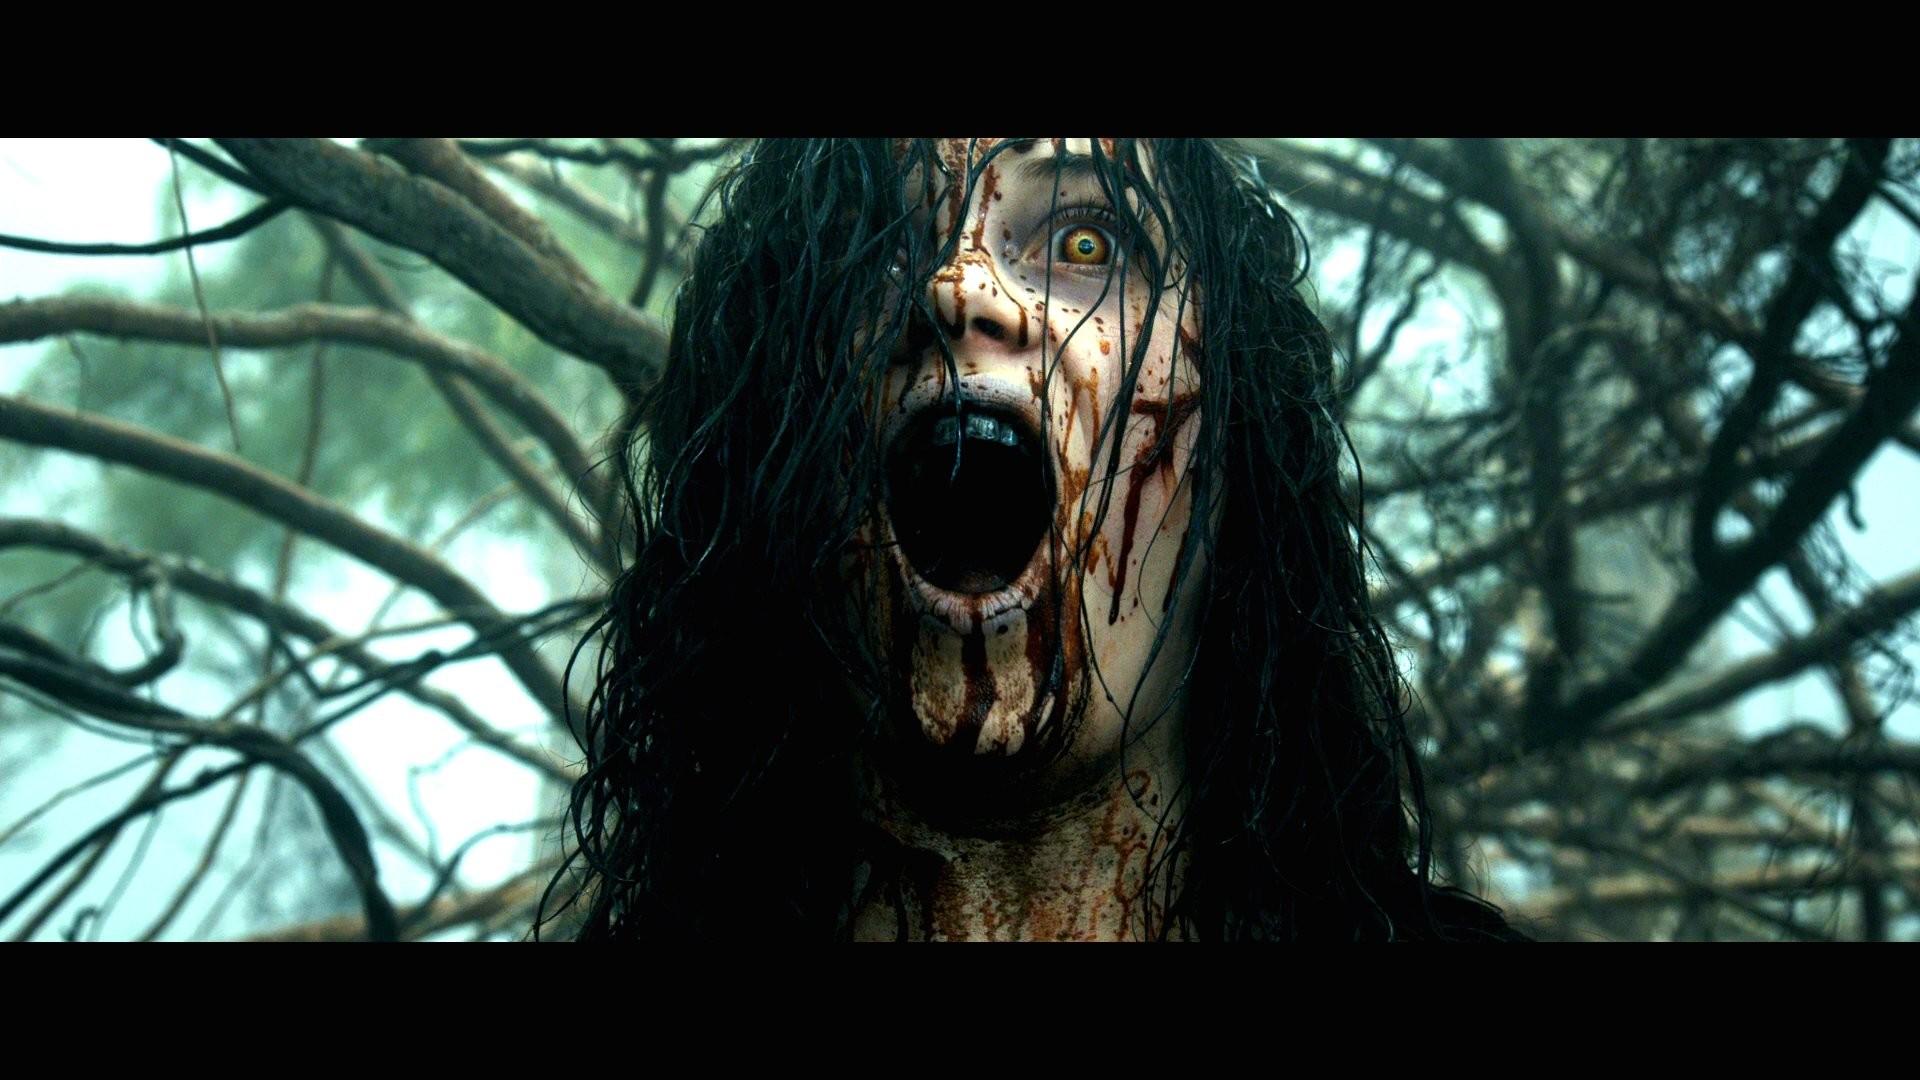 EVIL DEAD horror dark zombie blood dw wallpaper     236080    WallpaperUP